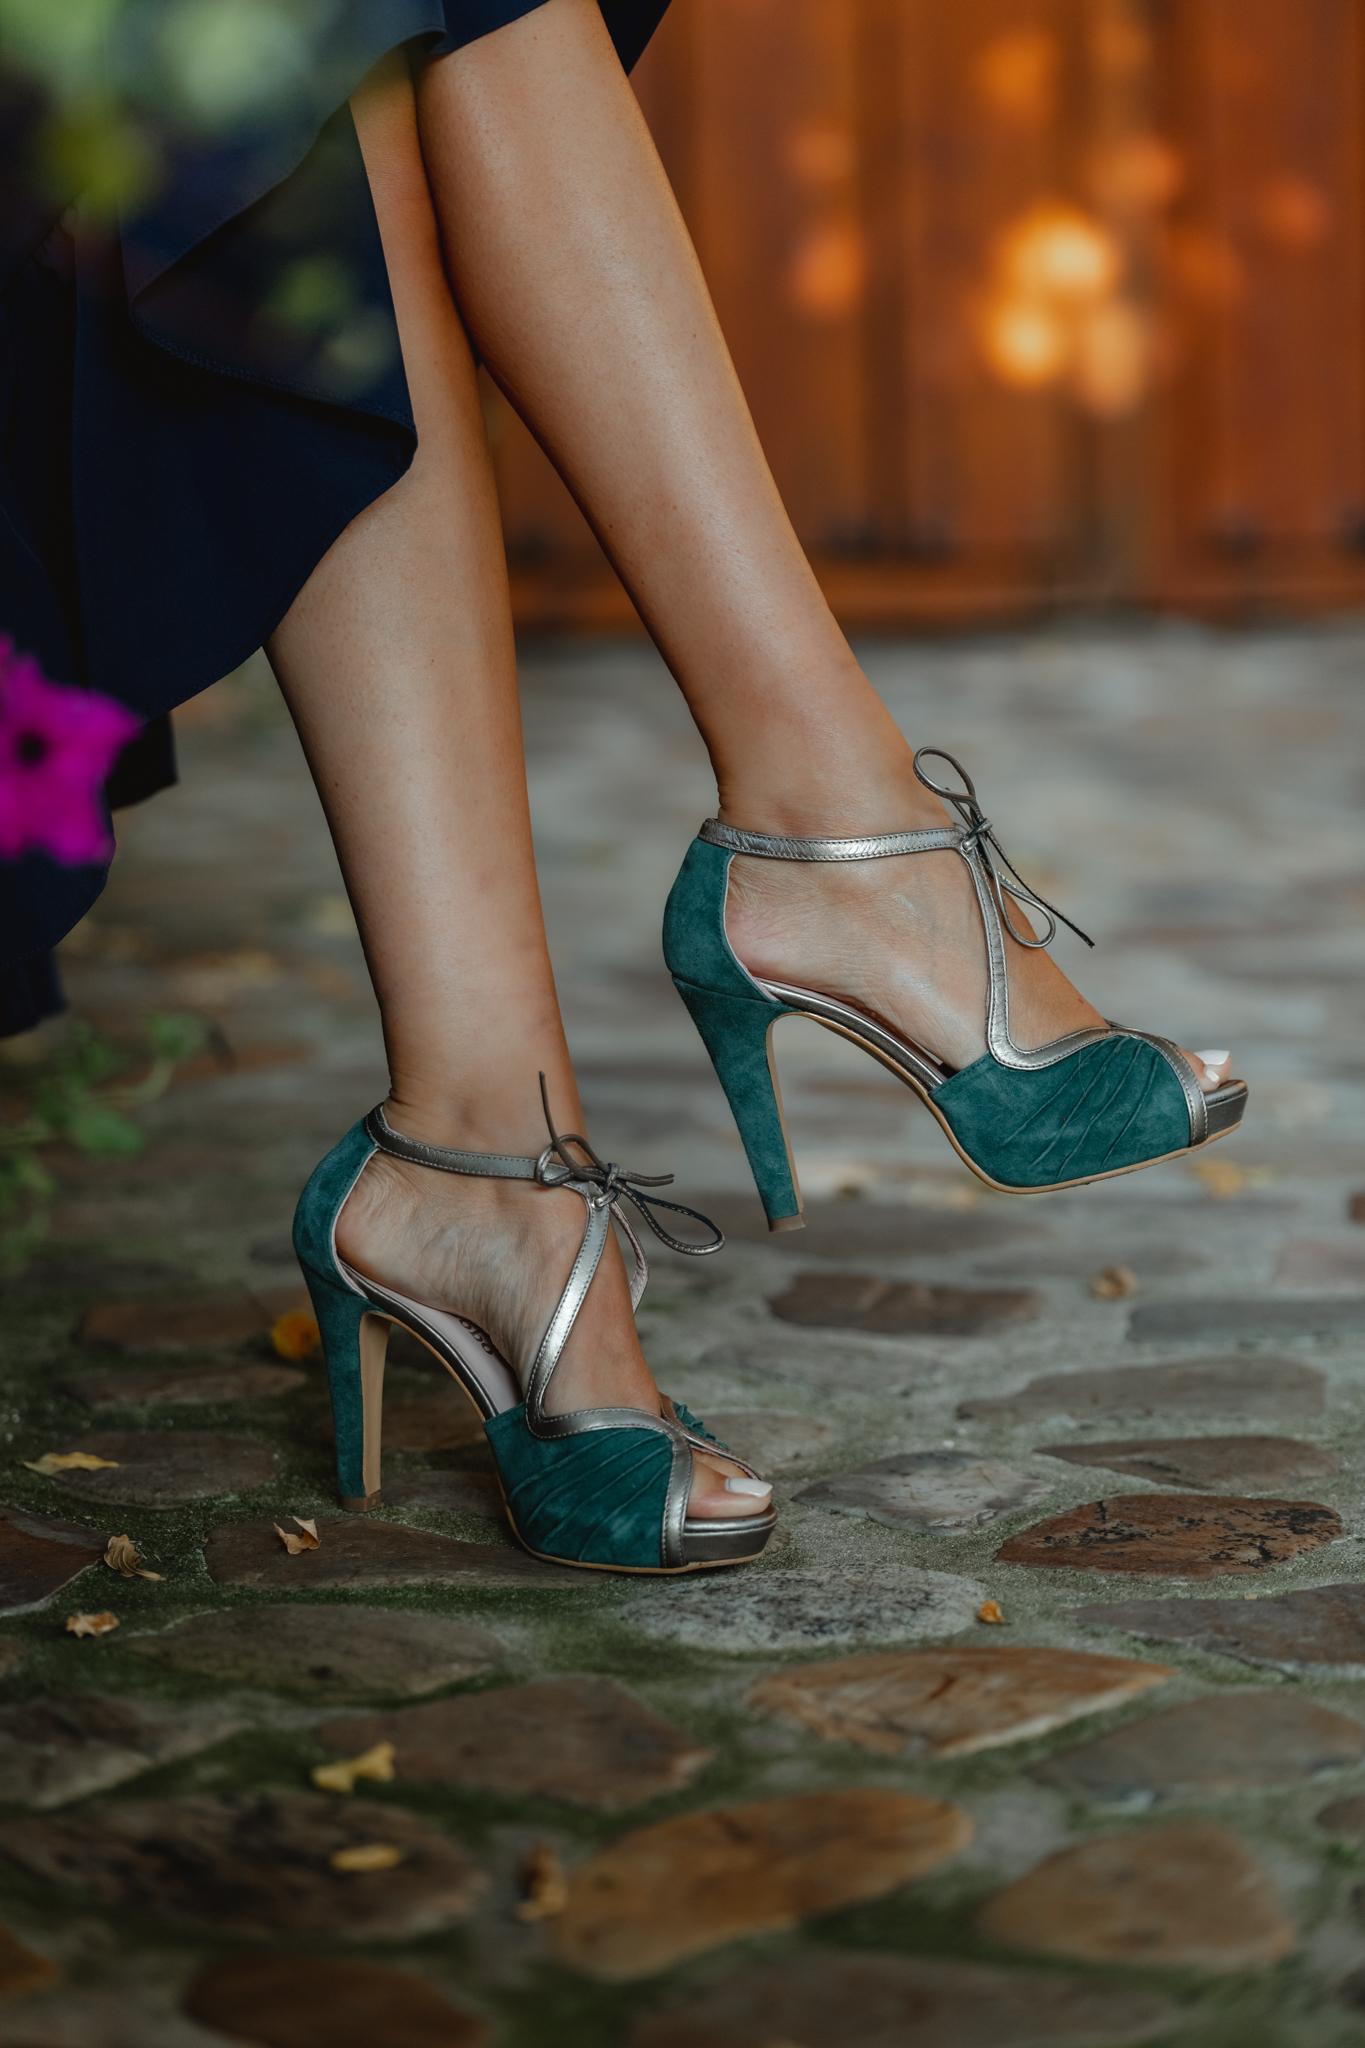 Sandalias verdes comodas invitada